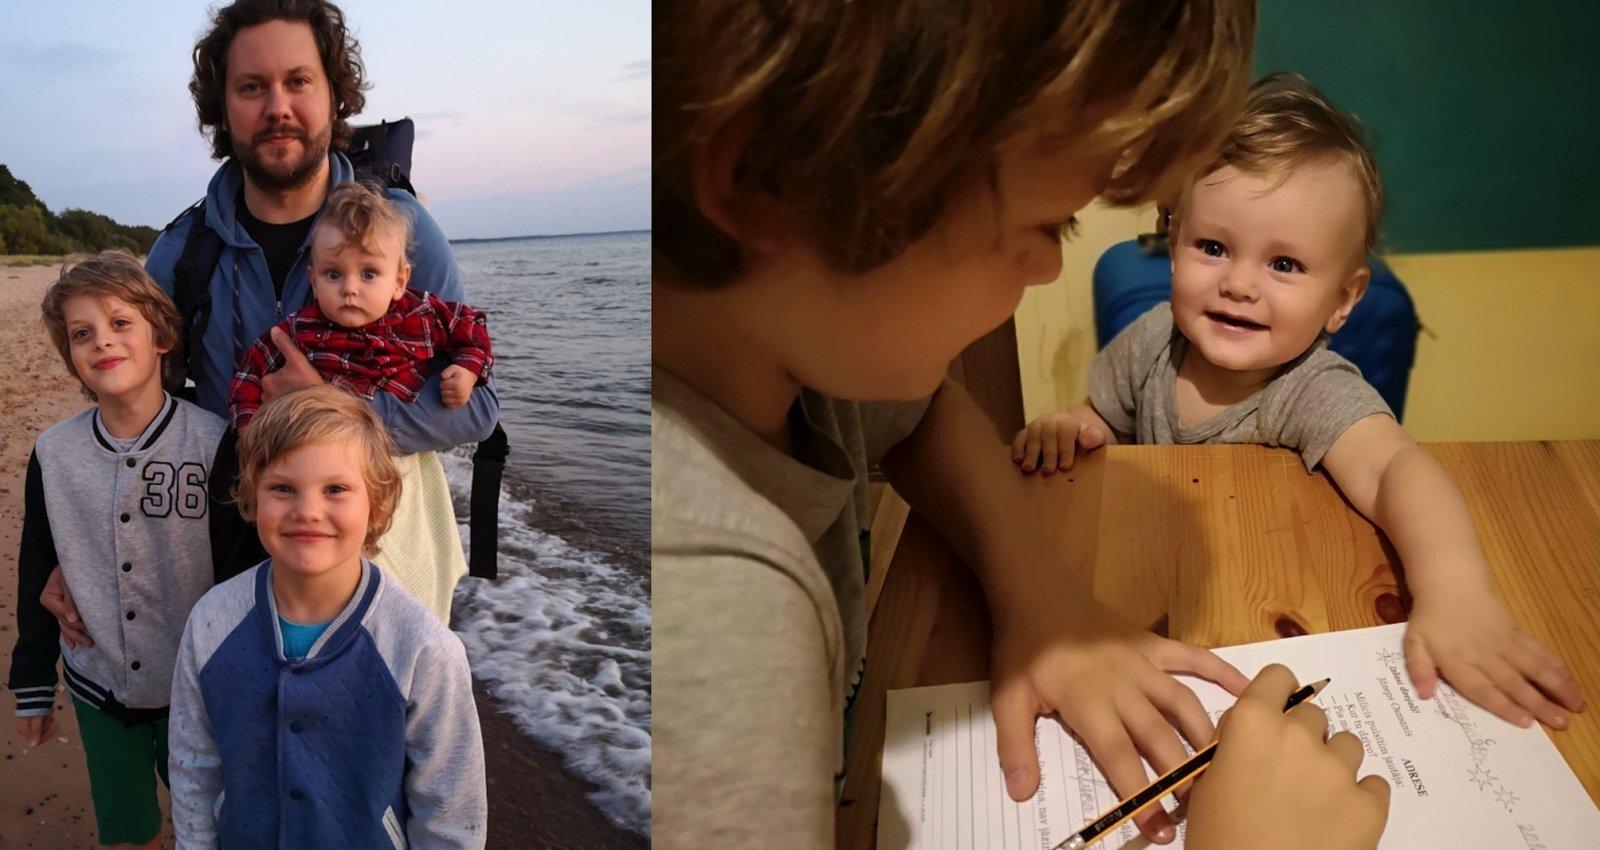 Skolotāja saviem bērniem: mammas pieredze, pašai nodrošinot mājmācību dēliem